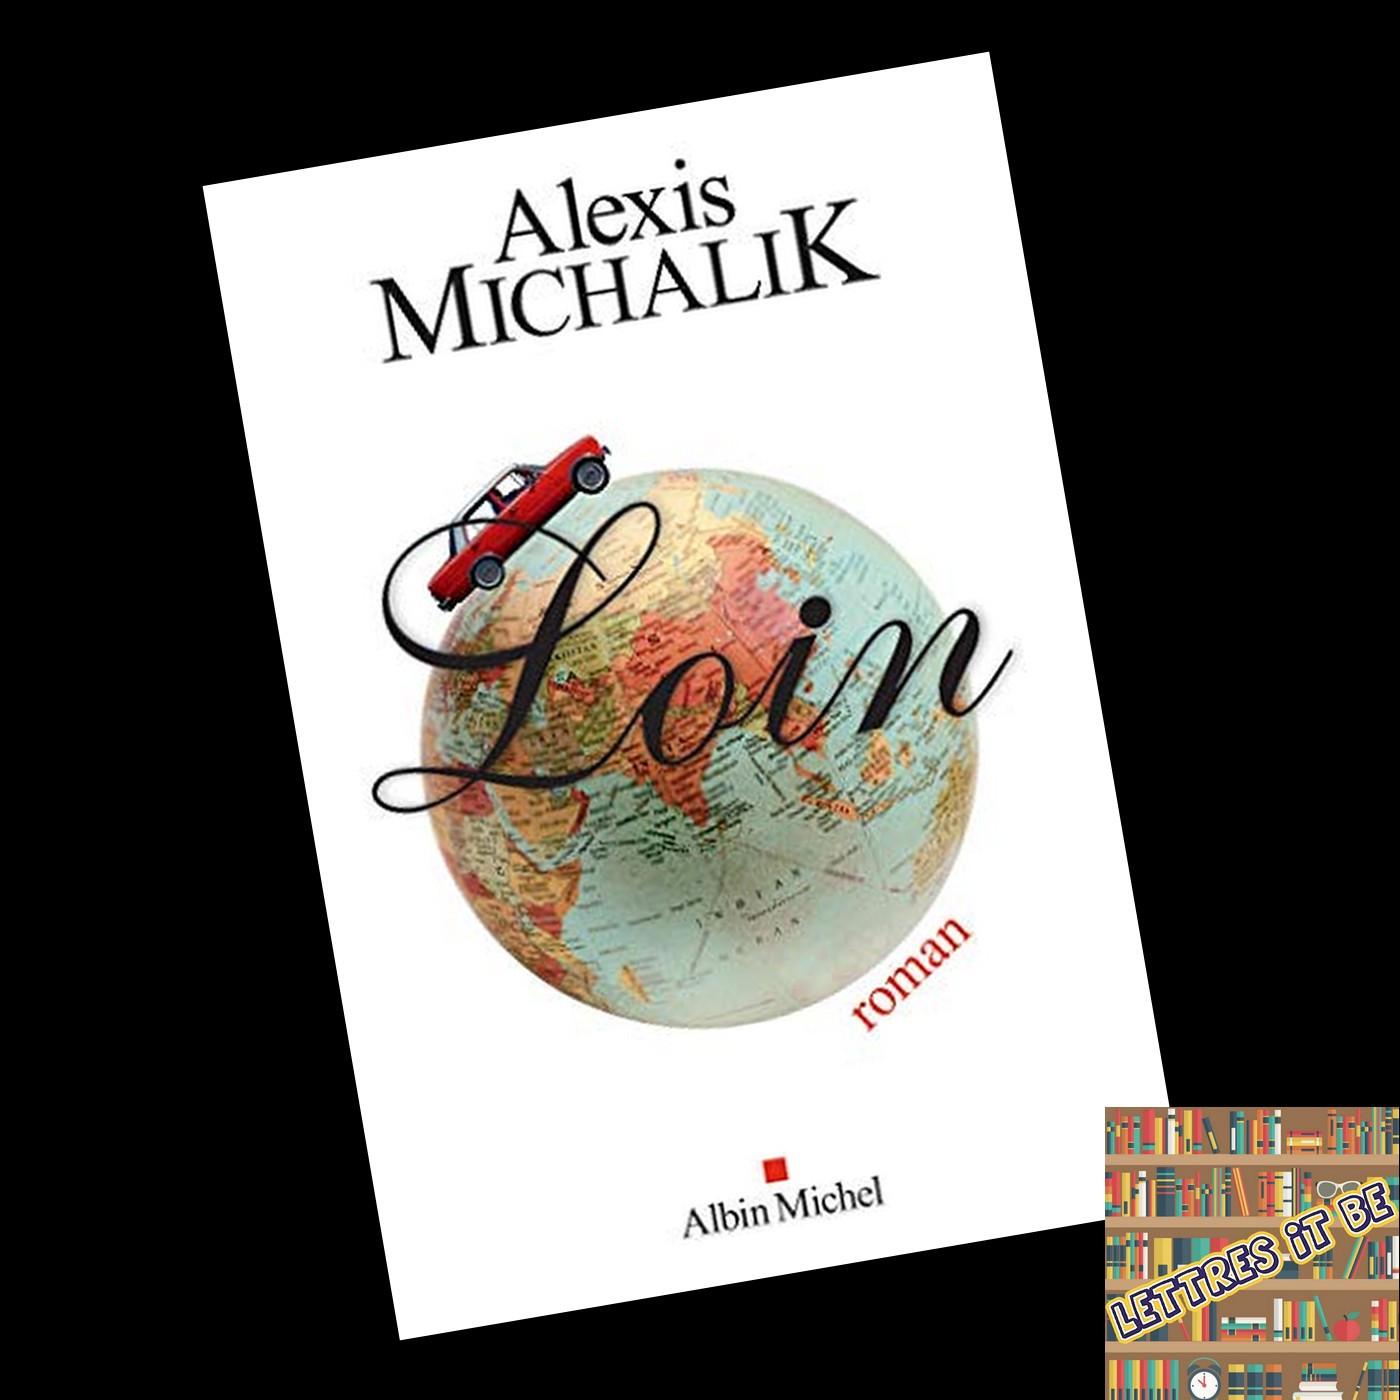 Critique de Loin d'Alexis Michalik (Livre)